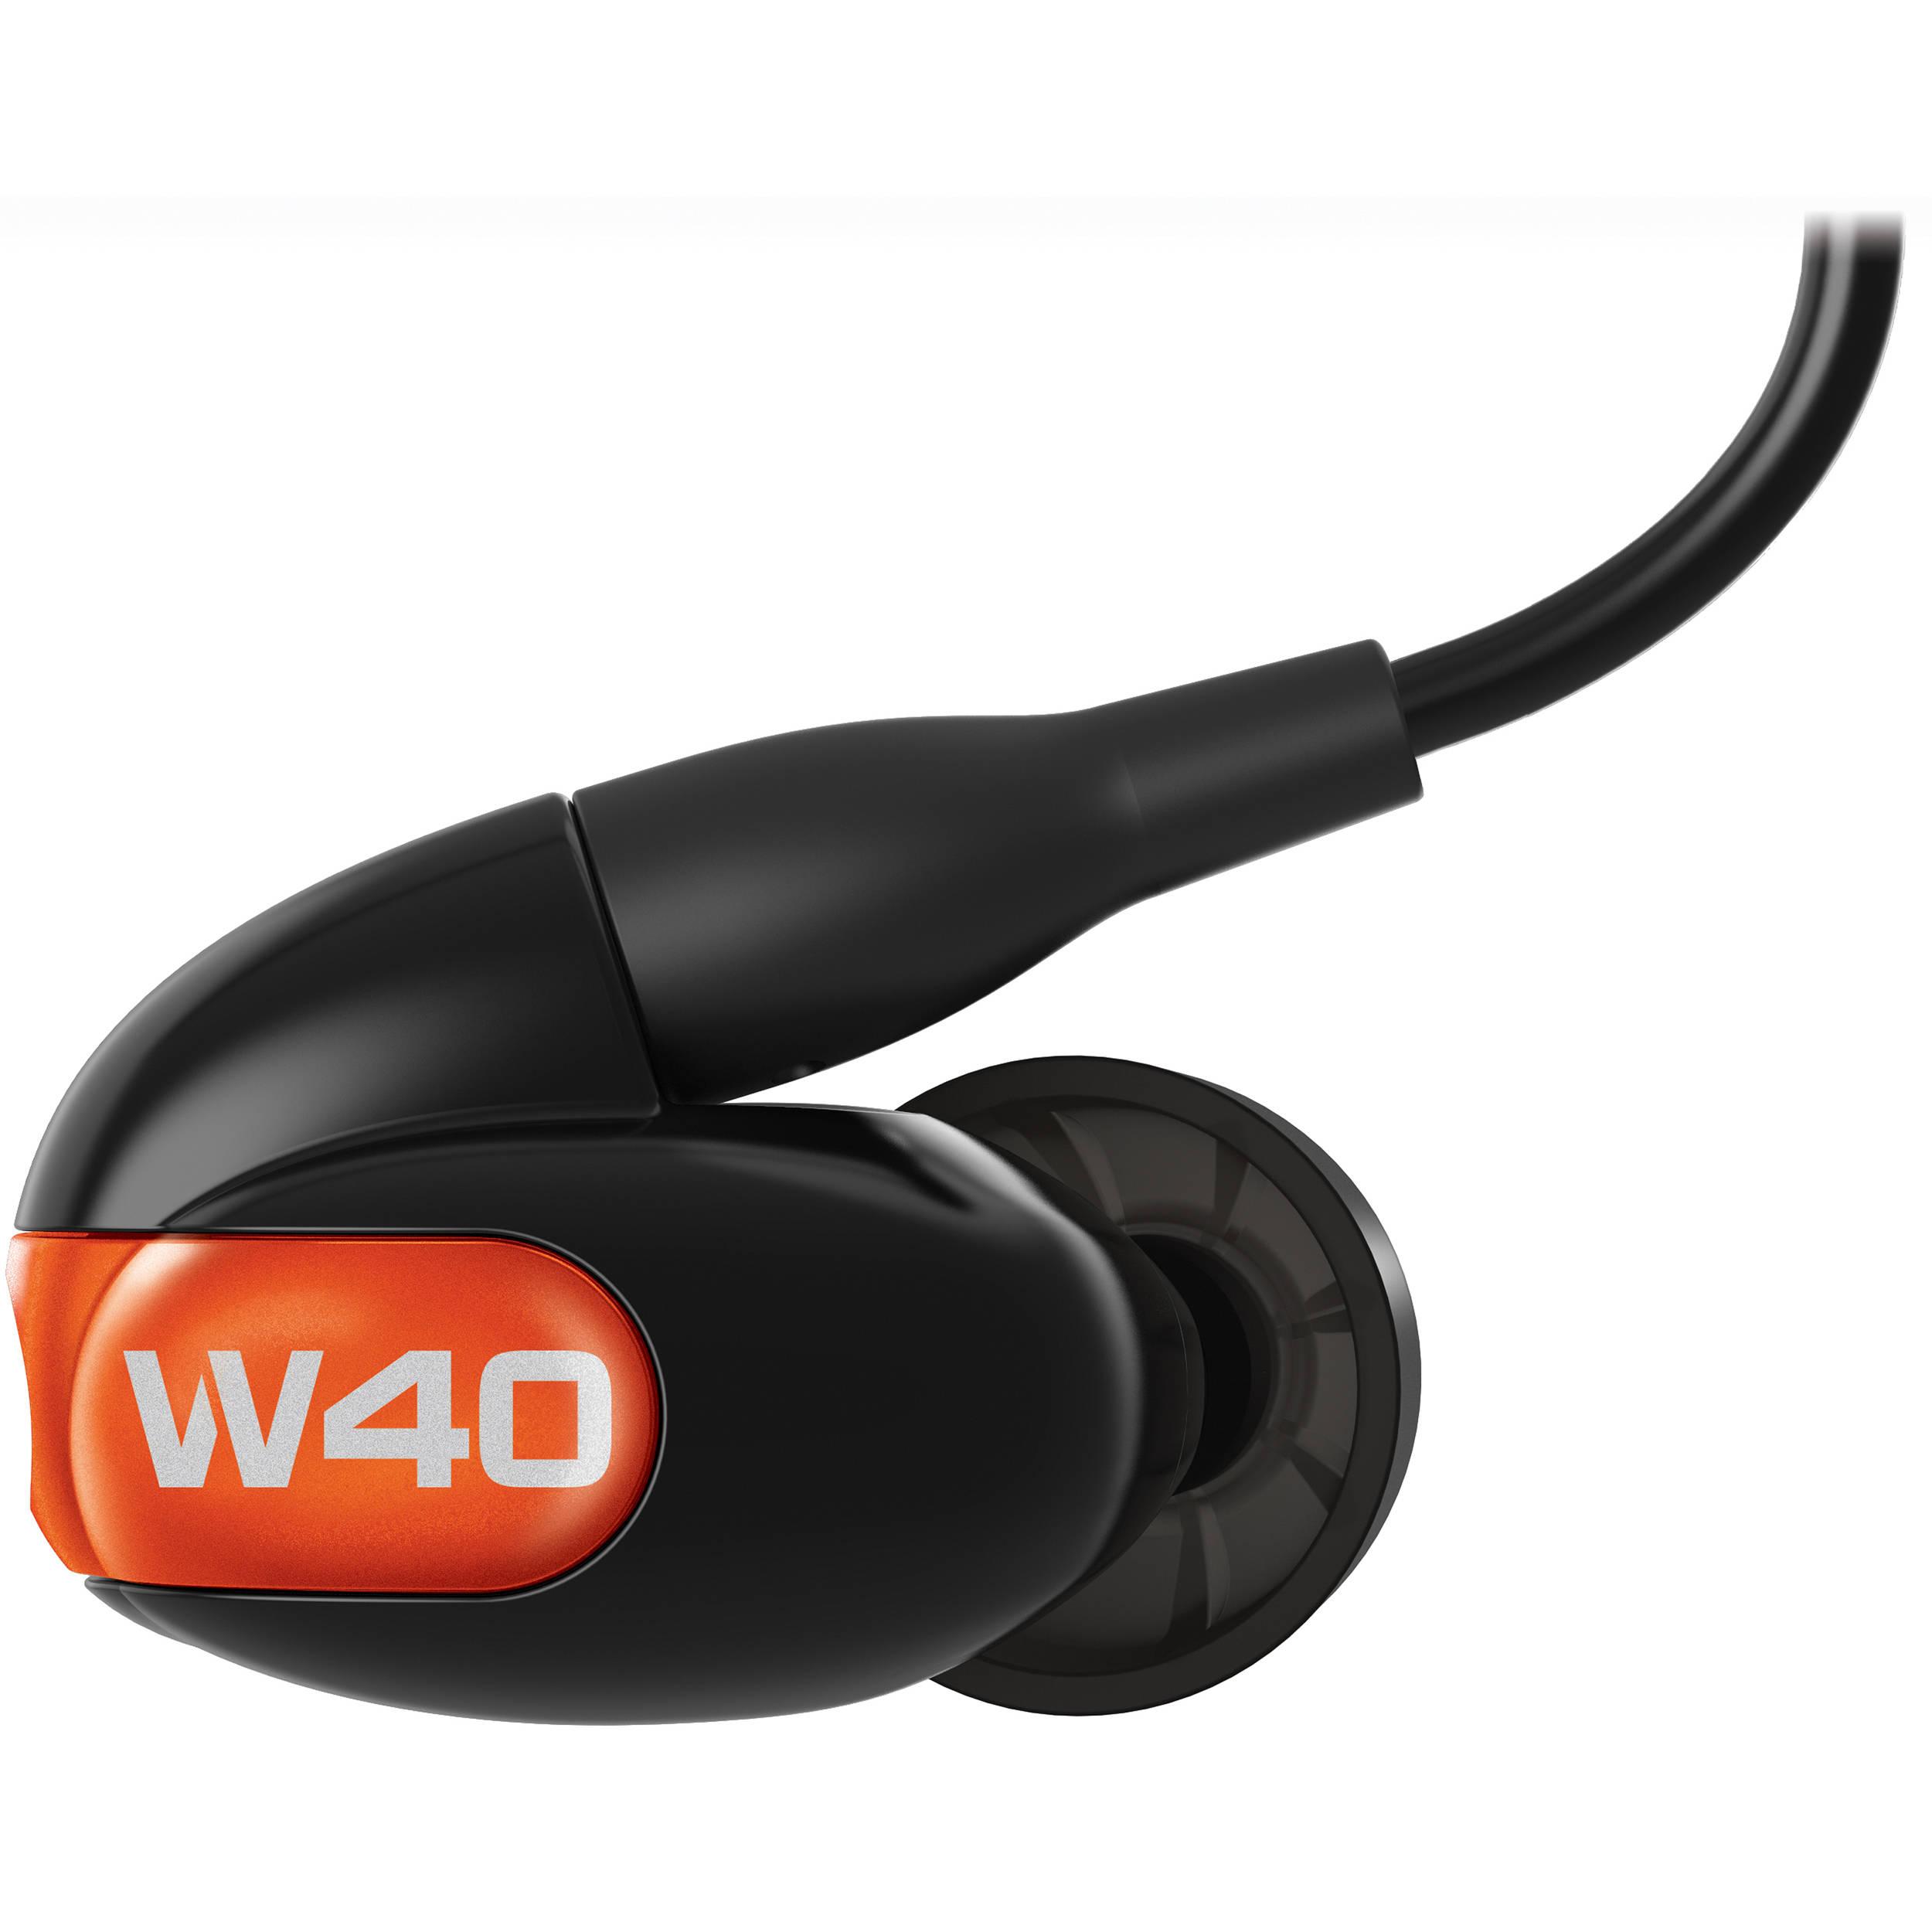 b39eb39f340452 Westone W40 Gen 2 Four-Driver True-Fit Earphones with MMCX 70022